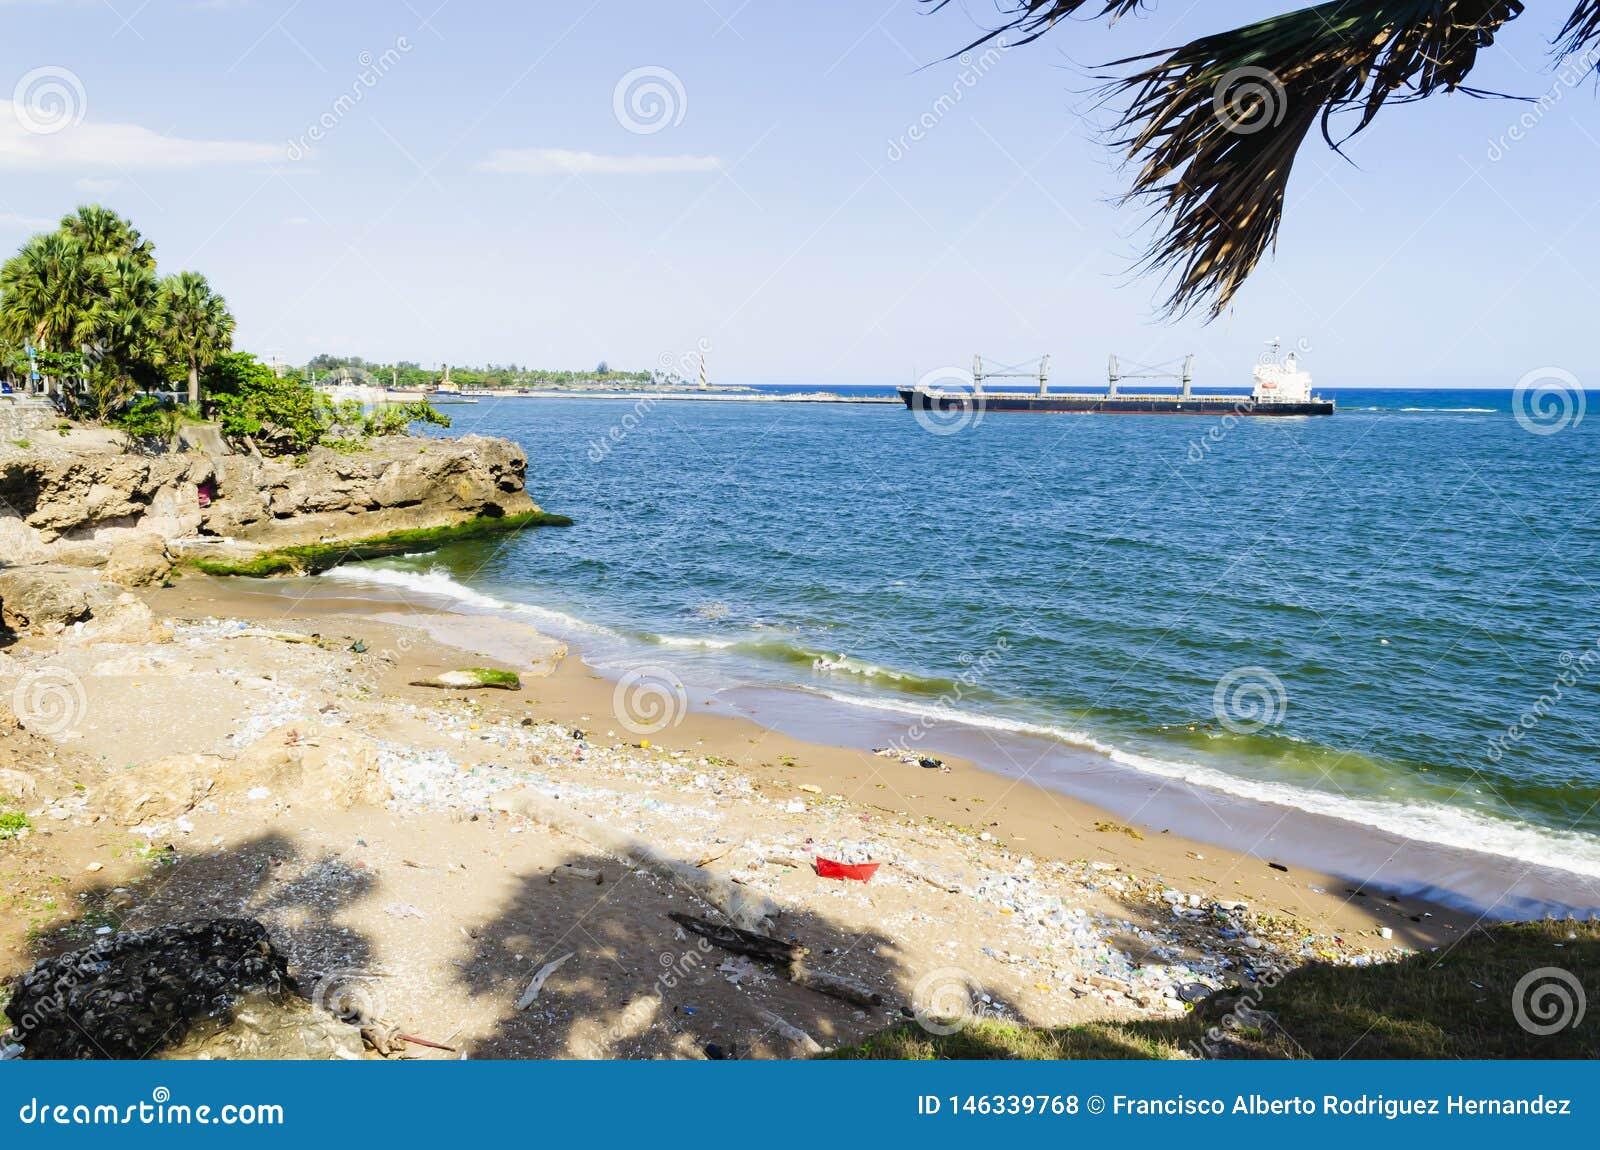 Praia contaminada pelo lixo, pelos pl?sticos e pelas ?guas residuais na cidade de Santo Domingo, Rep?blica Dominicana, onde a cor